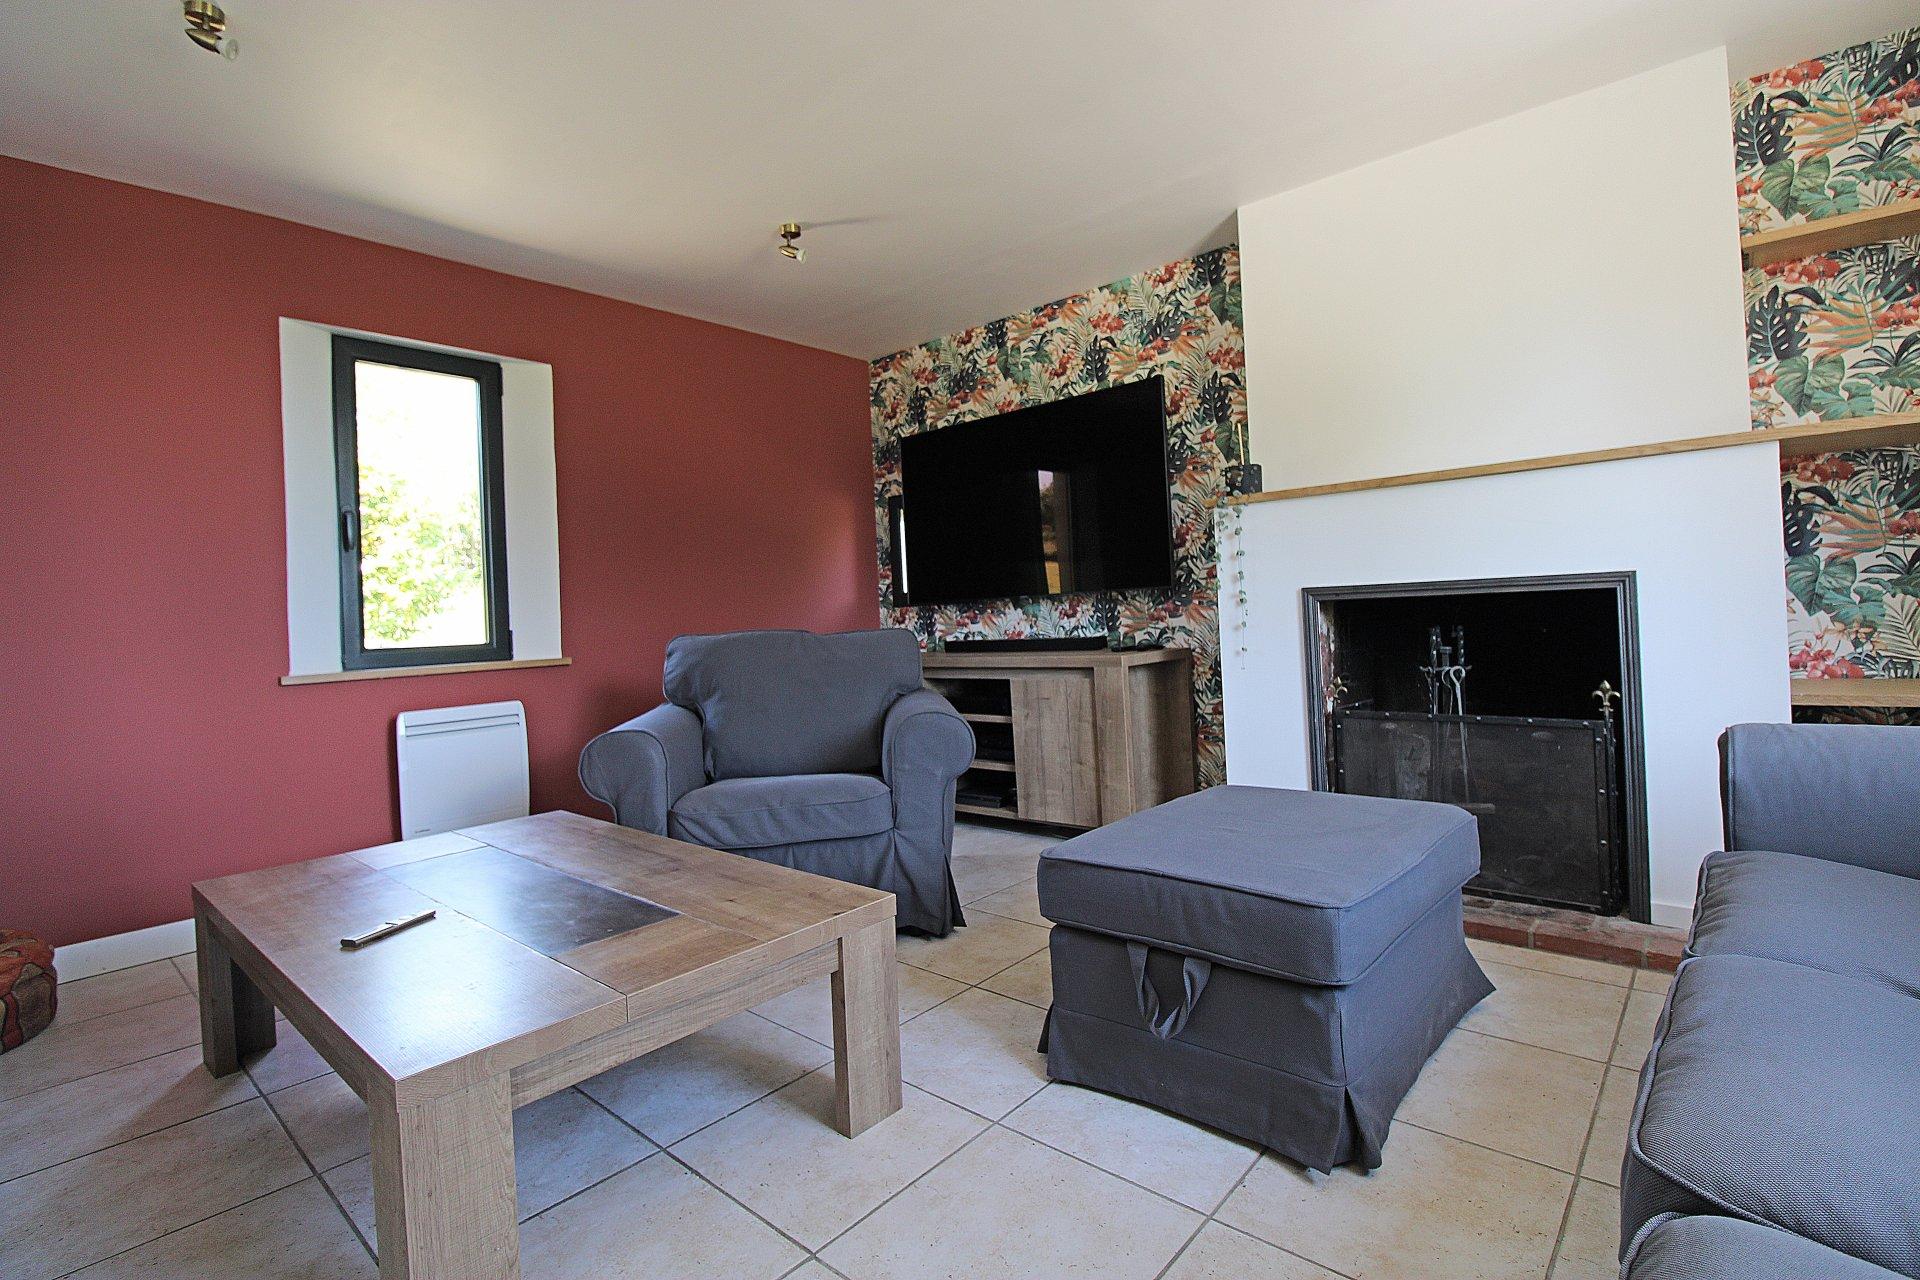 PAYS D'AUGE CALVADOS  Proche de Lisieux Une maison Normande avec un terrain de 1ha4a46ca.de 1haaosn Normande en Livarot une maison des années 30